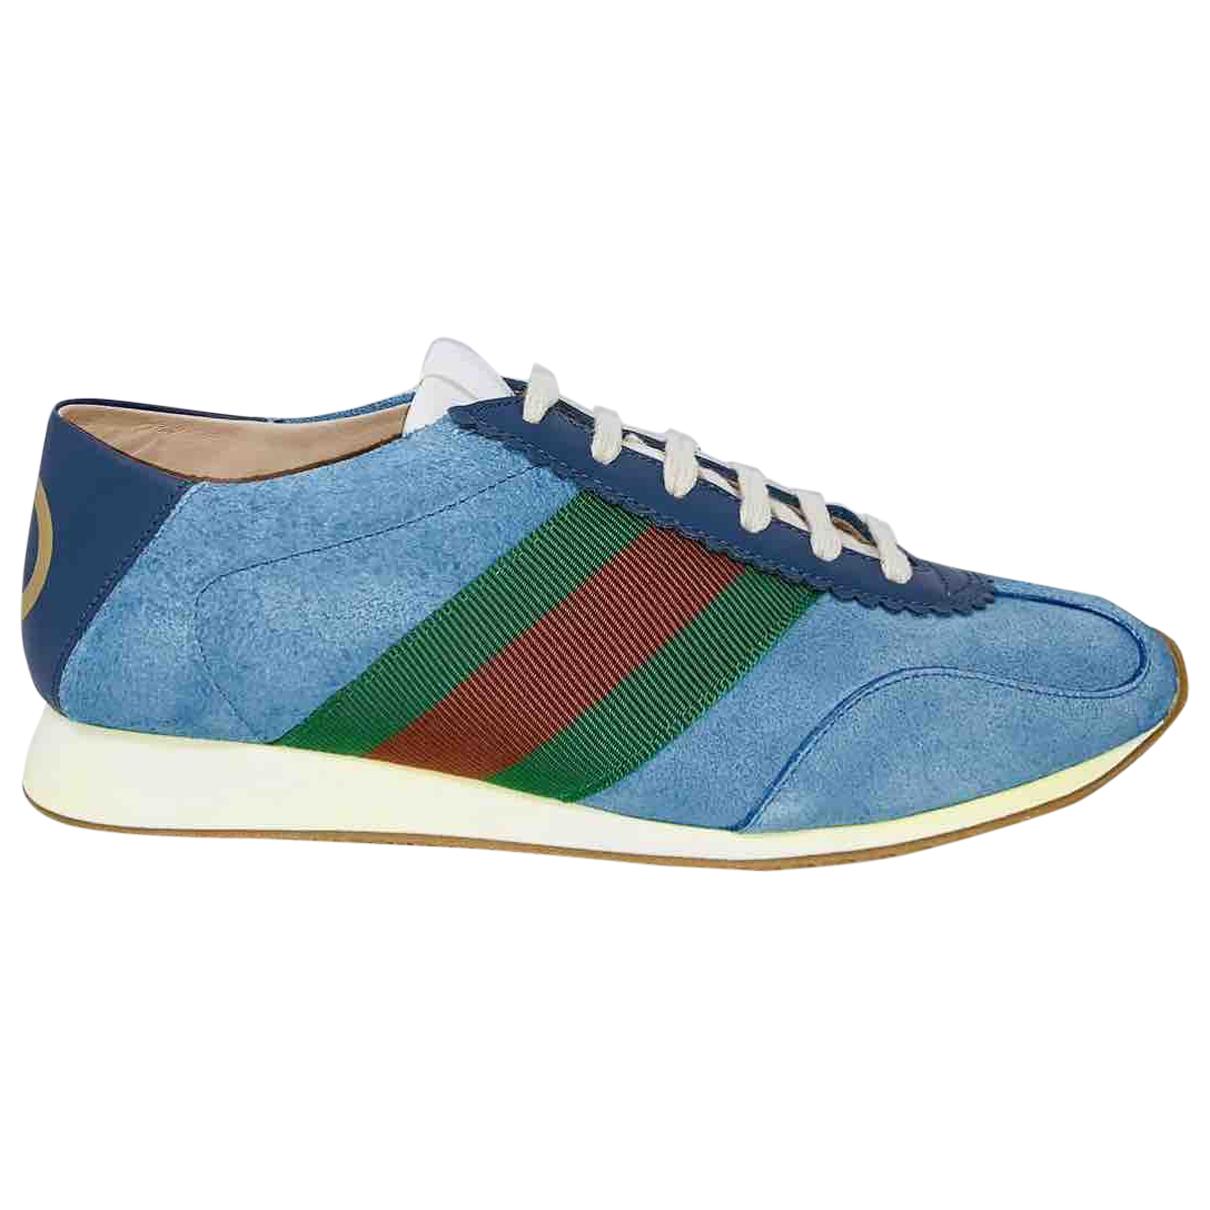 Gucci \N Sneakers in  Blau Veloursleder